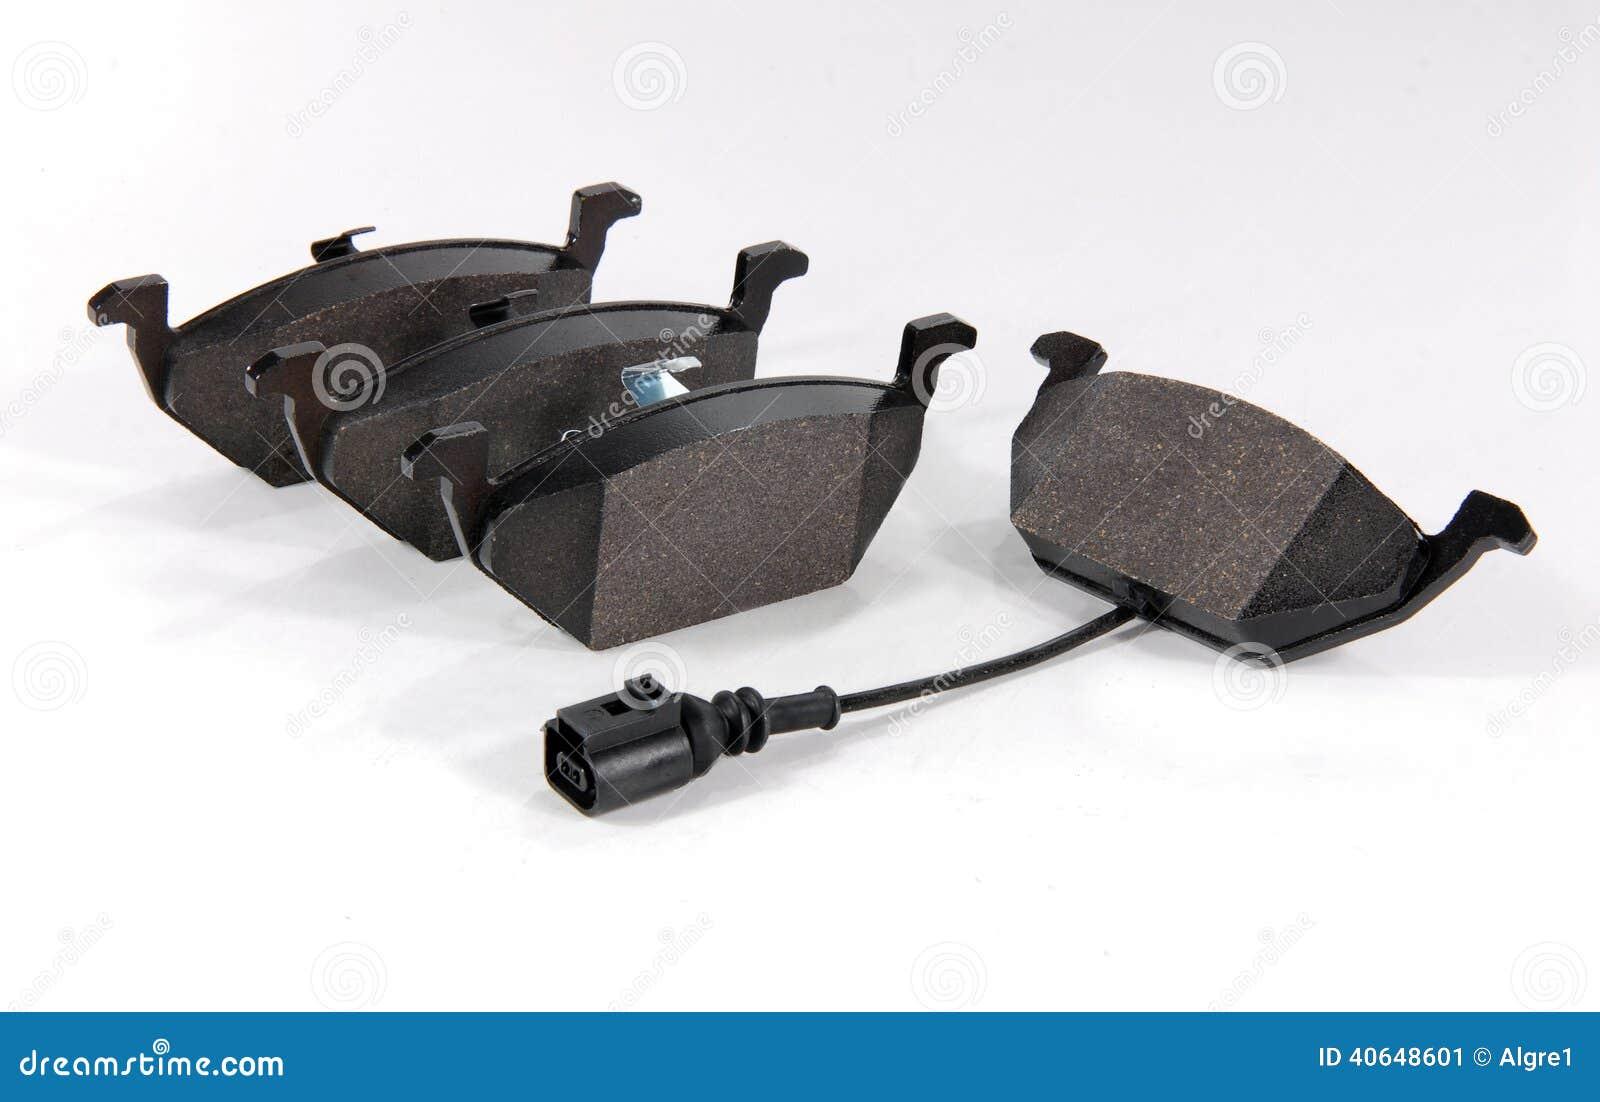 Сработал датчик износа задних тормозных колодок BMW 5 E60 после их замены на новые